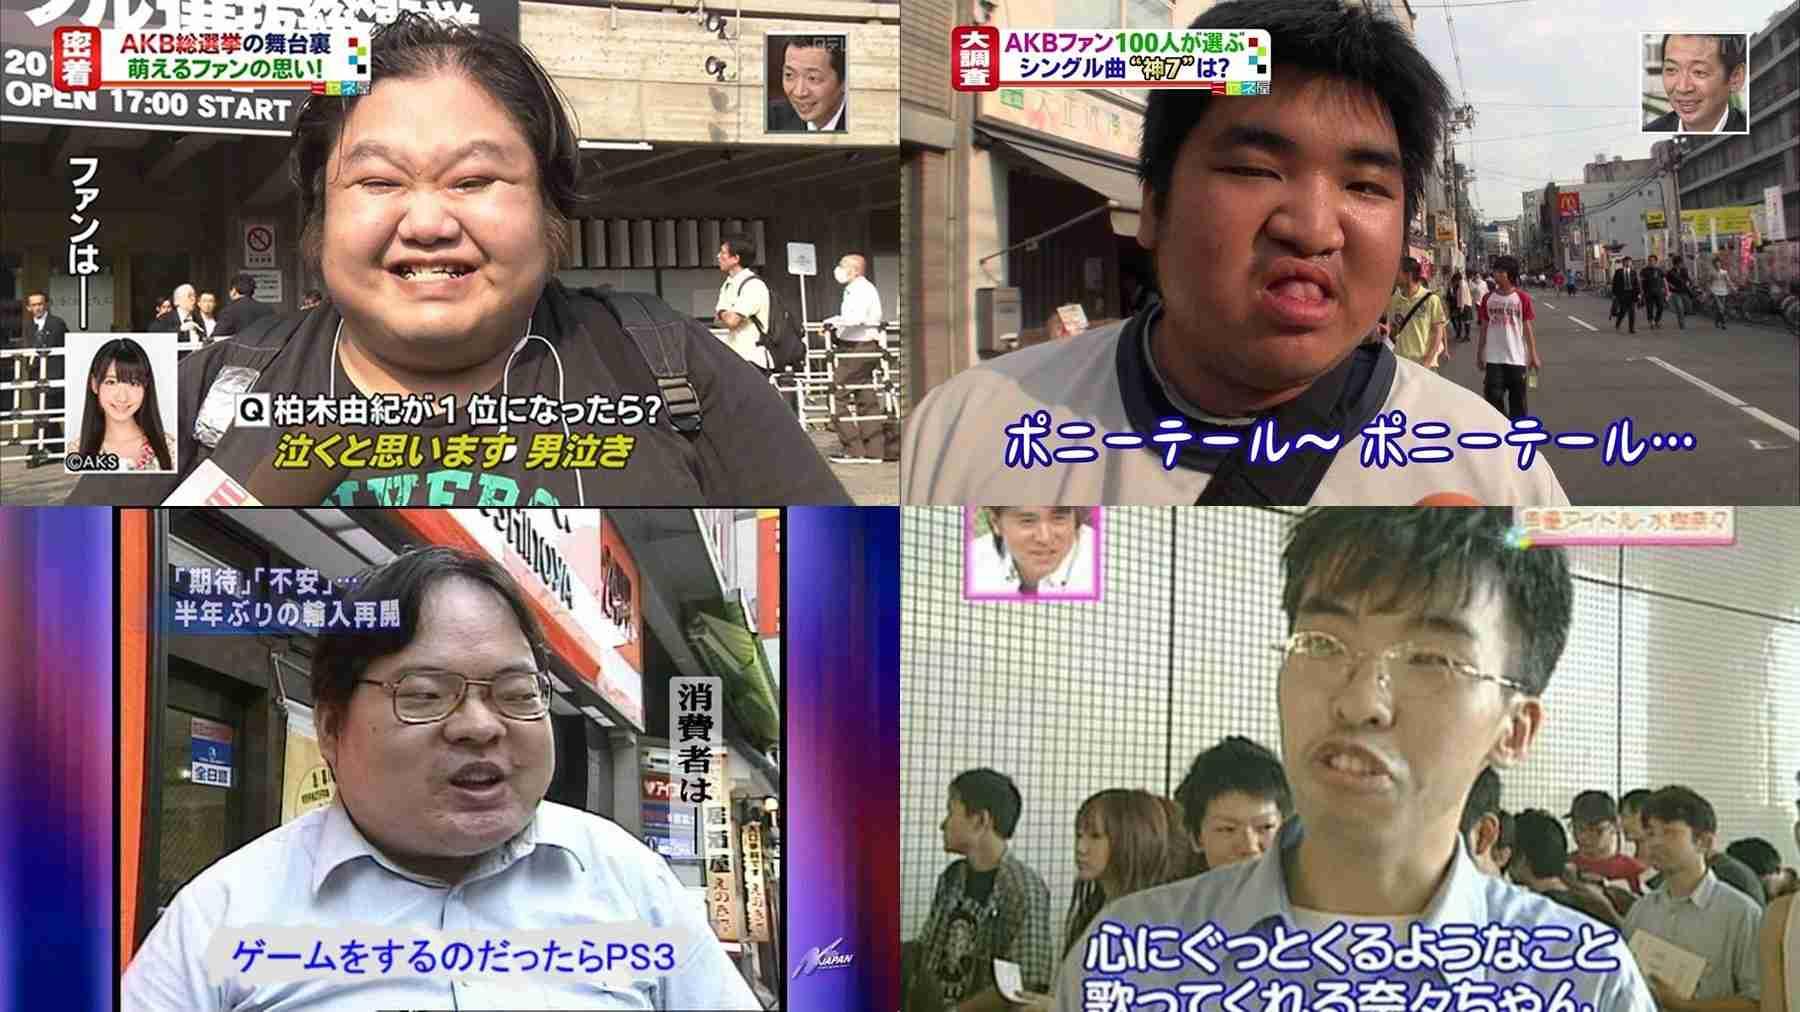 男性をルックスで選ぶ女性は日本に7.3%しかいない事が判明!